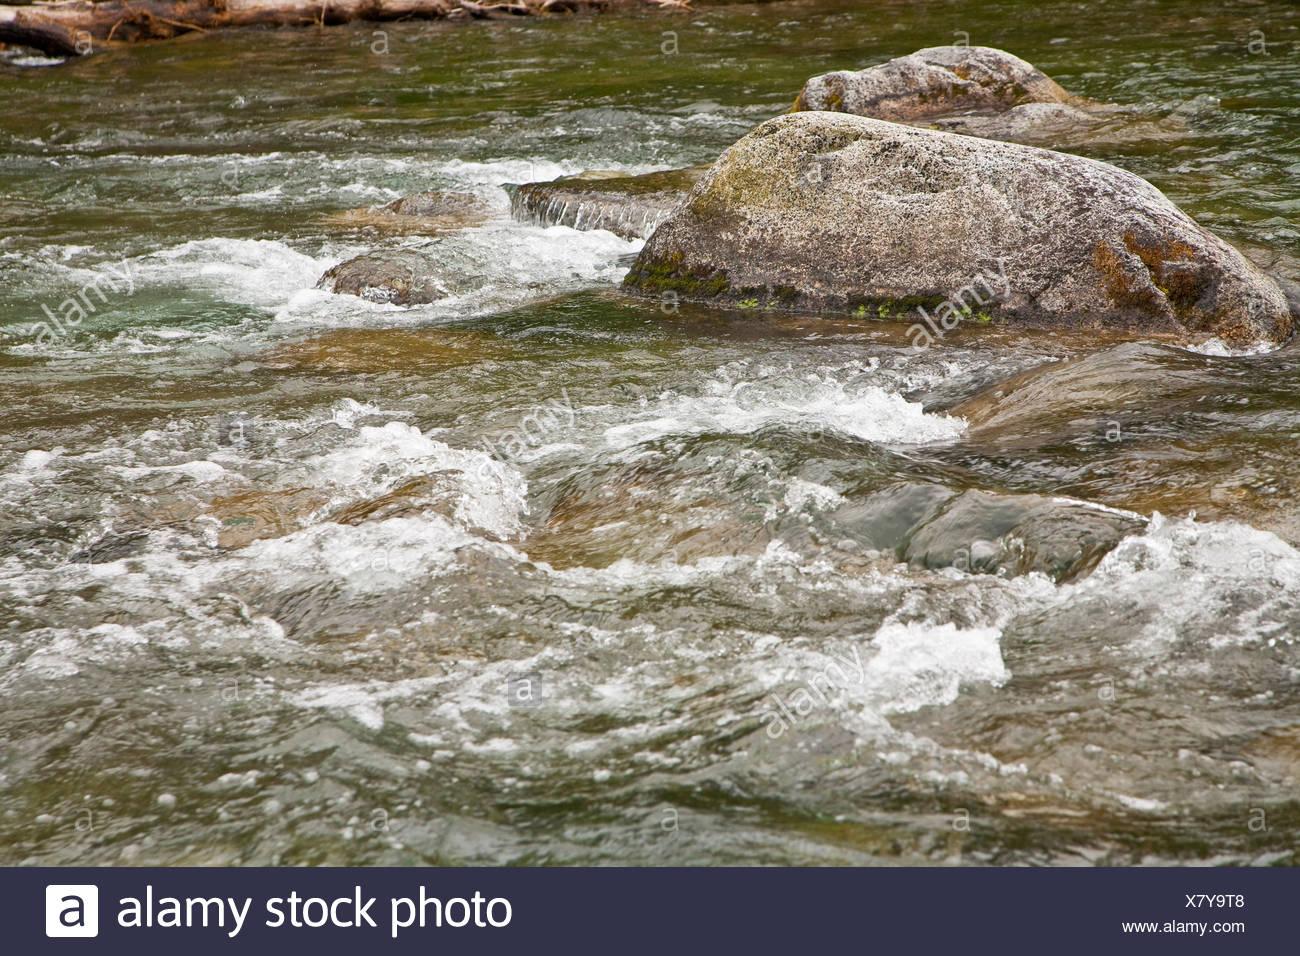 El agua del río que fluye río abajo alrededor de las rocas Imagen De Stock